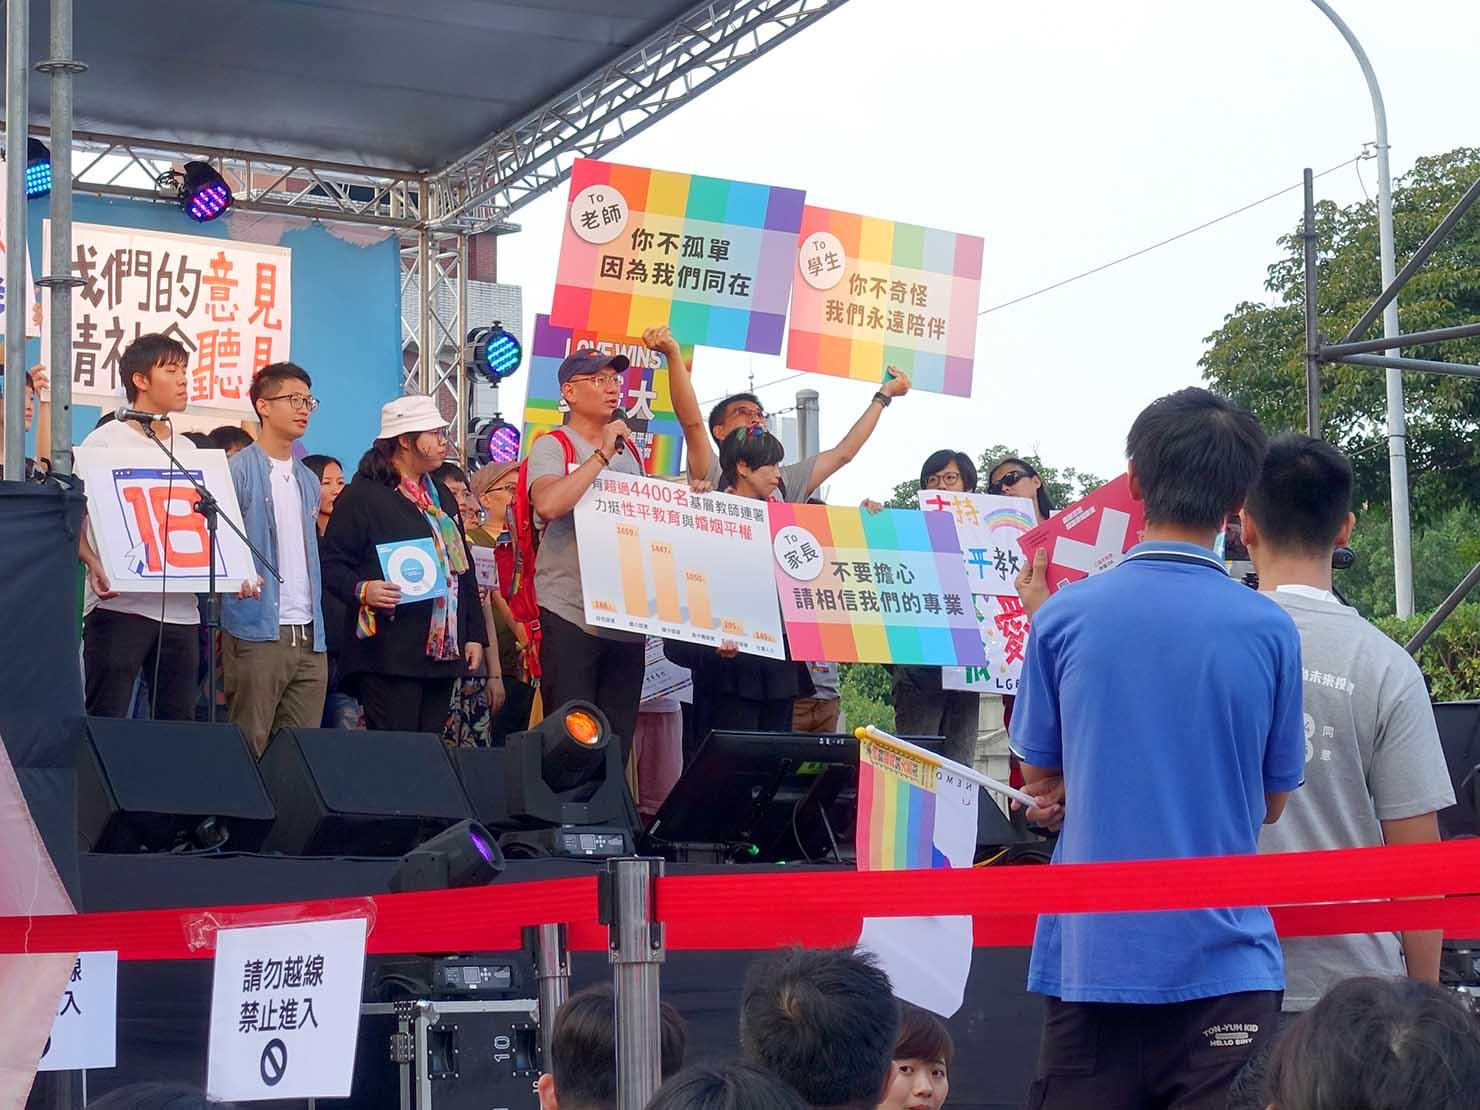 台湾のLGBT音楽イベント『為愛返家音樂會』会場のステージに立つ支持者たち